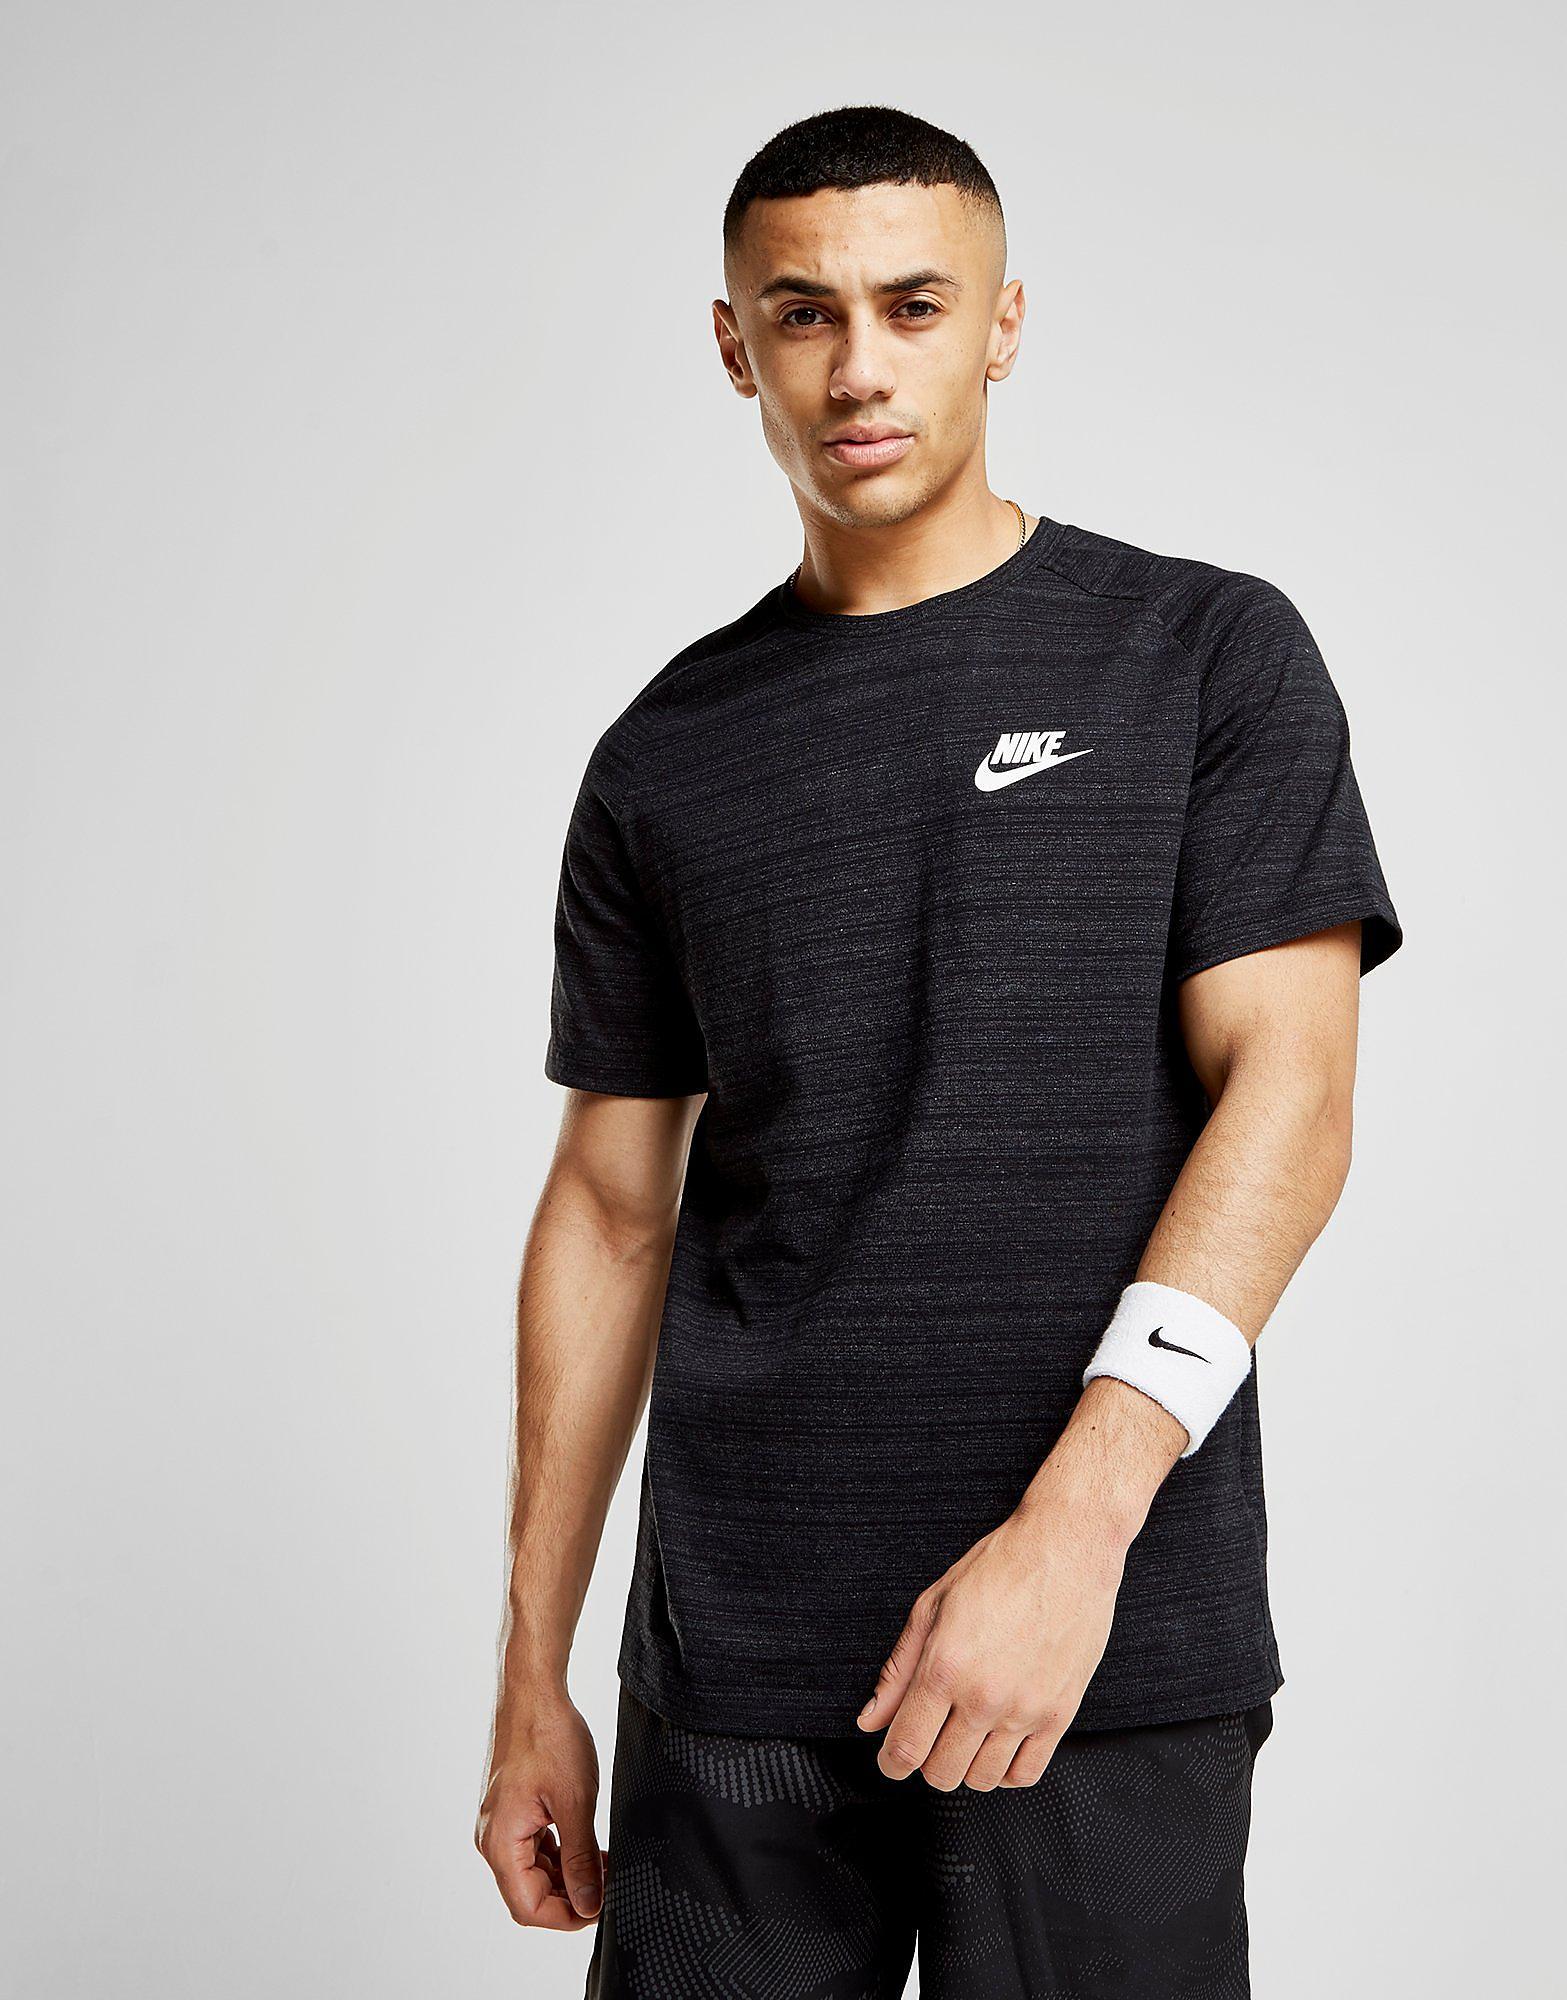 Nike Advance Knit T-Shirt